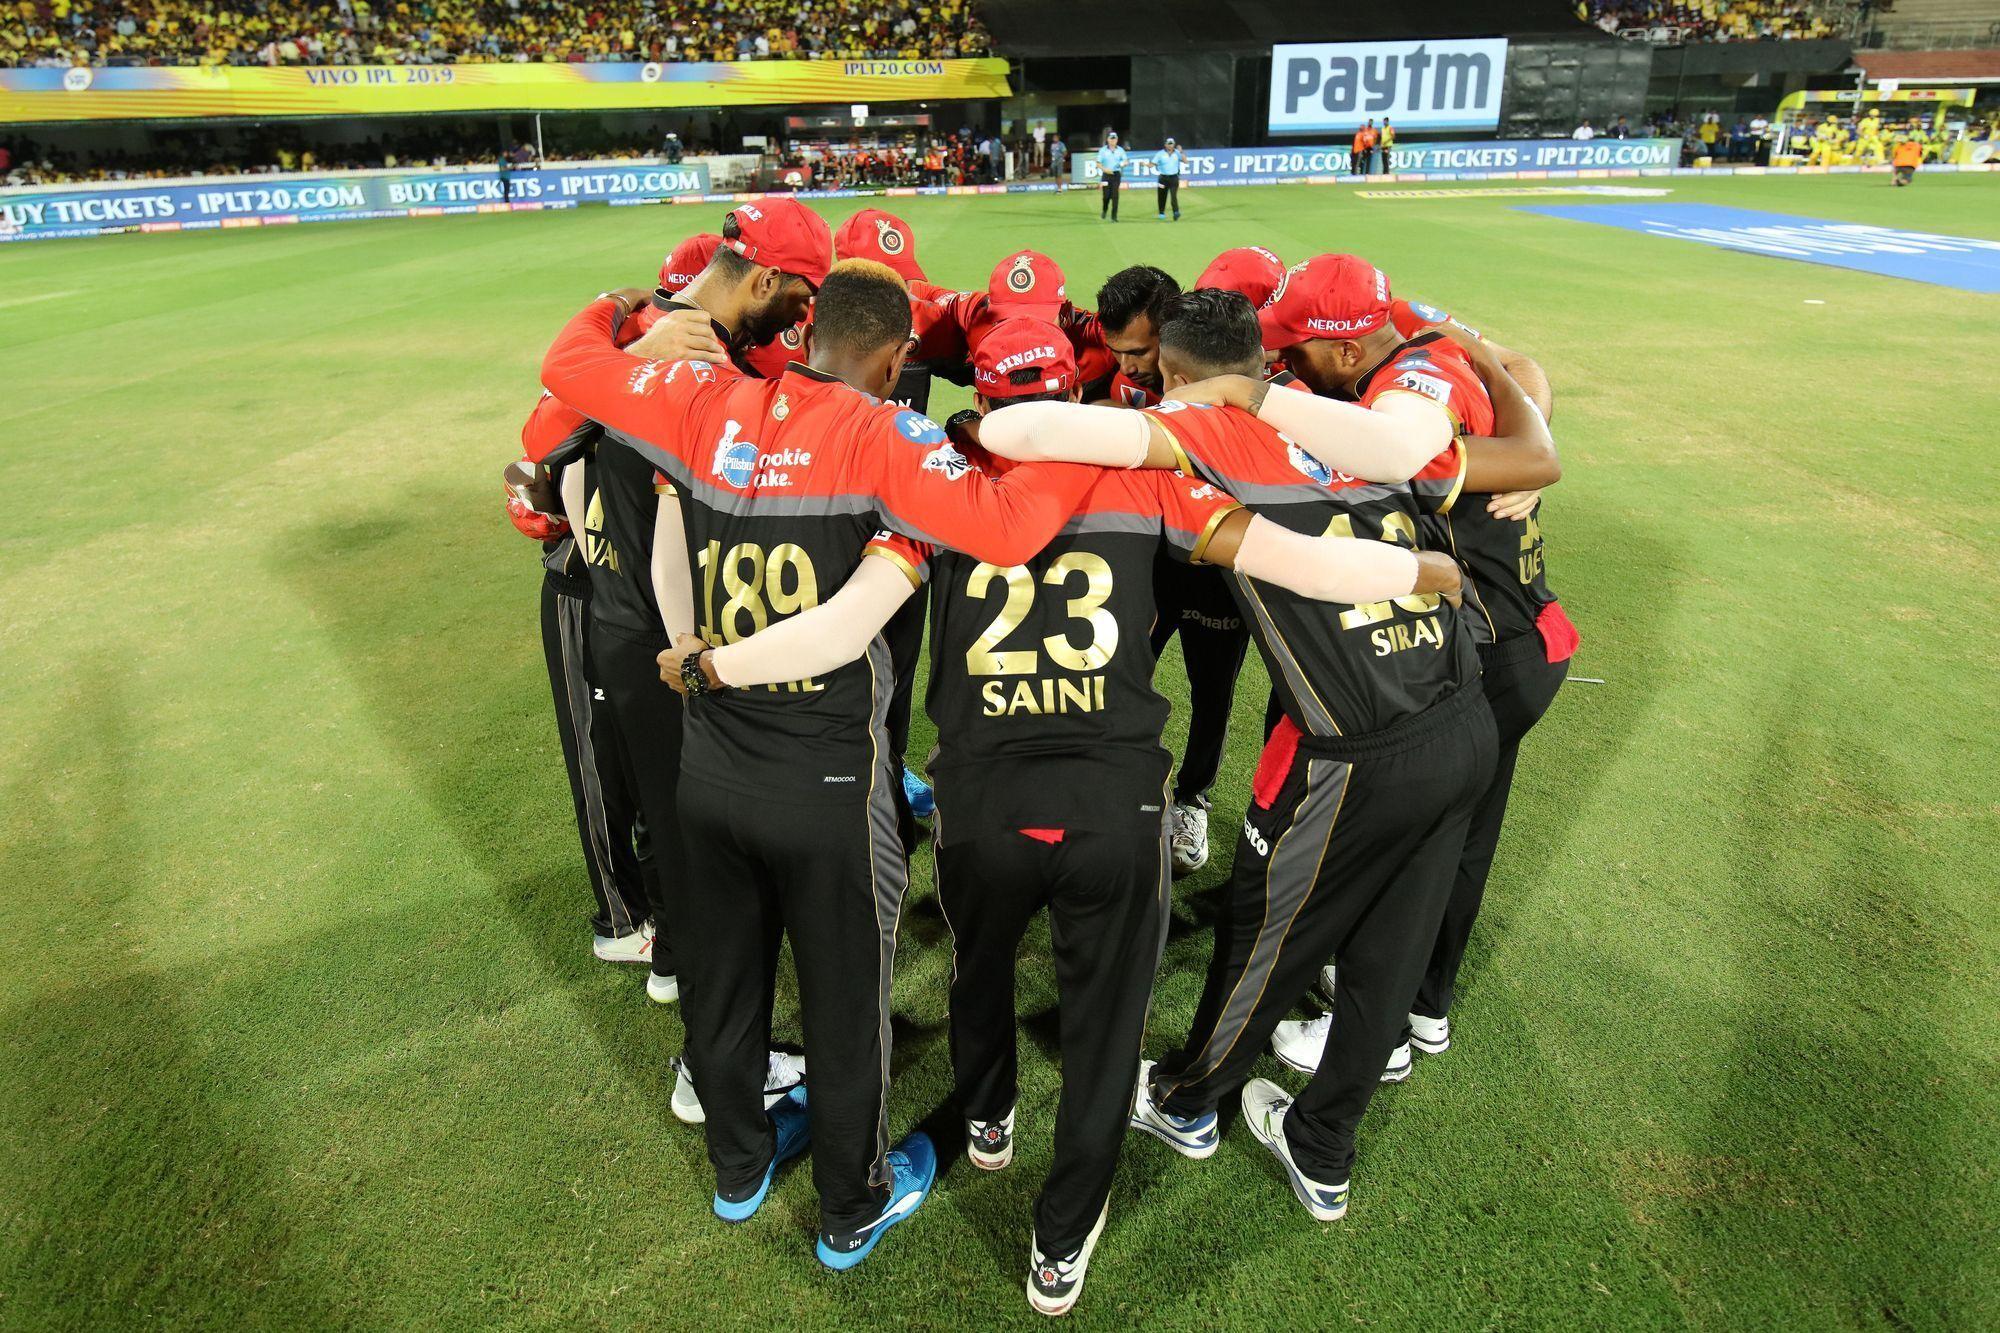 आईपीएल 2019: 3 बदलाव जिसे करने के बाद जीत की राह पकड़ सकती है विराट कोहली की आरसीबी 56